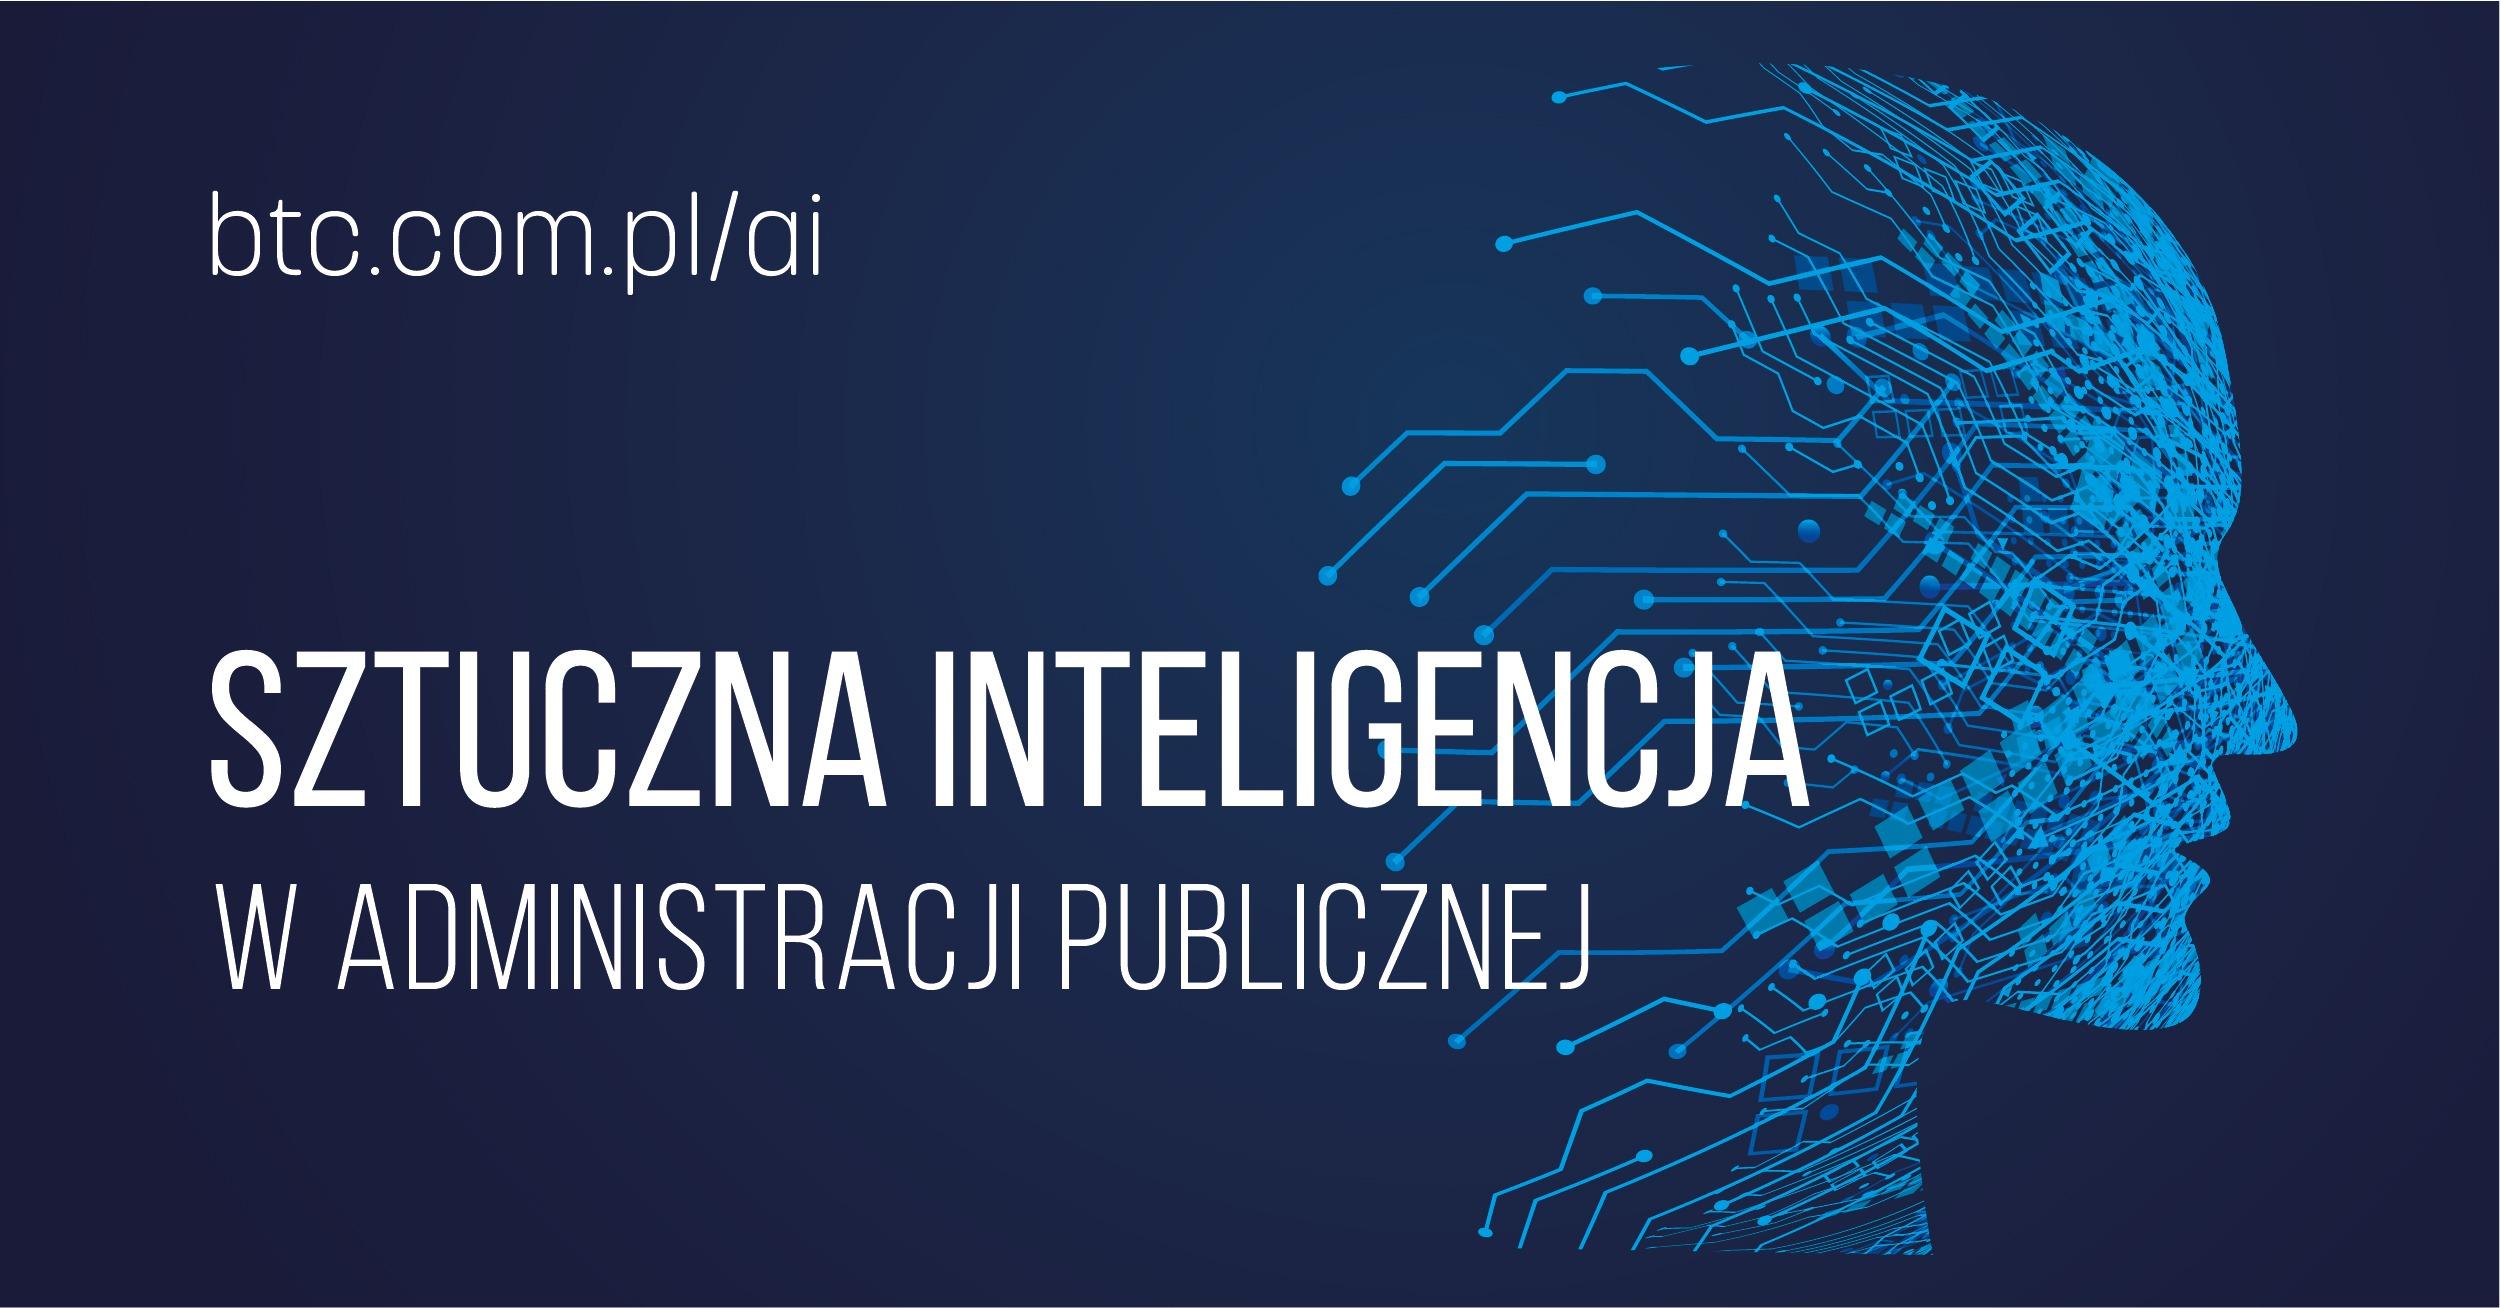 BTC Sztuczna inteligencja w administracji publicznej